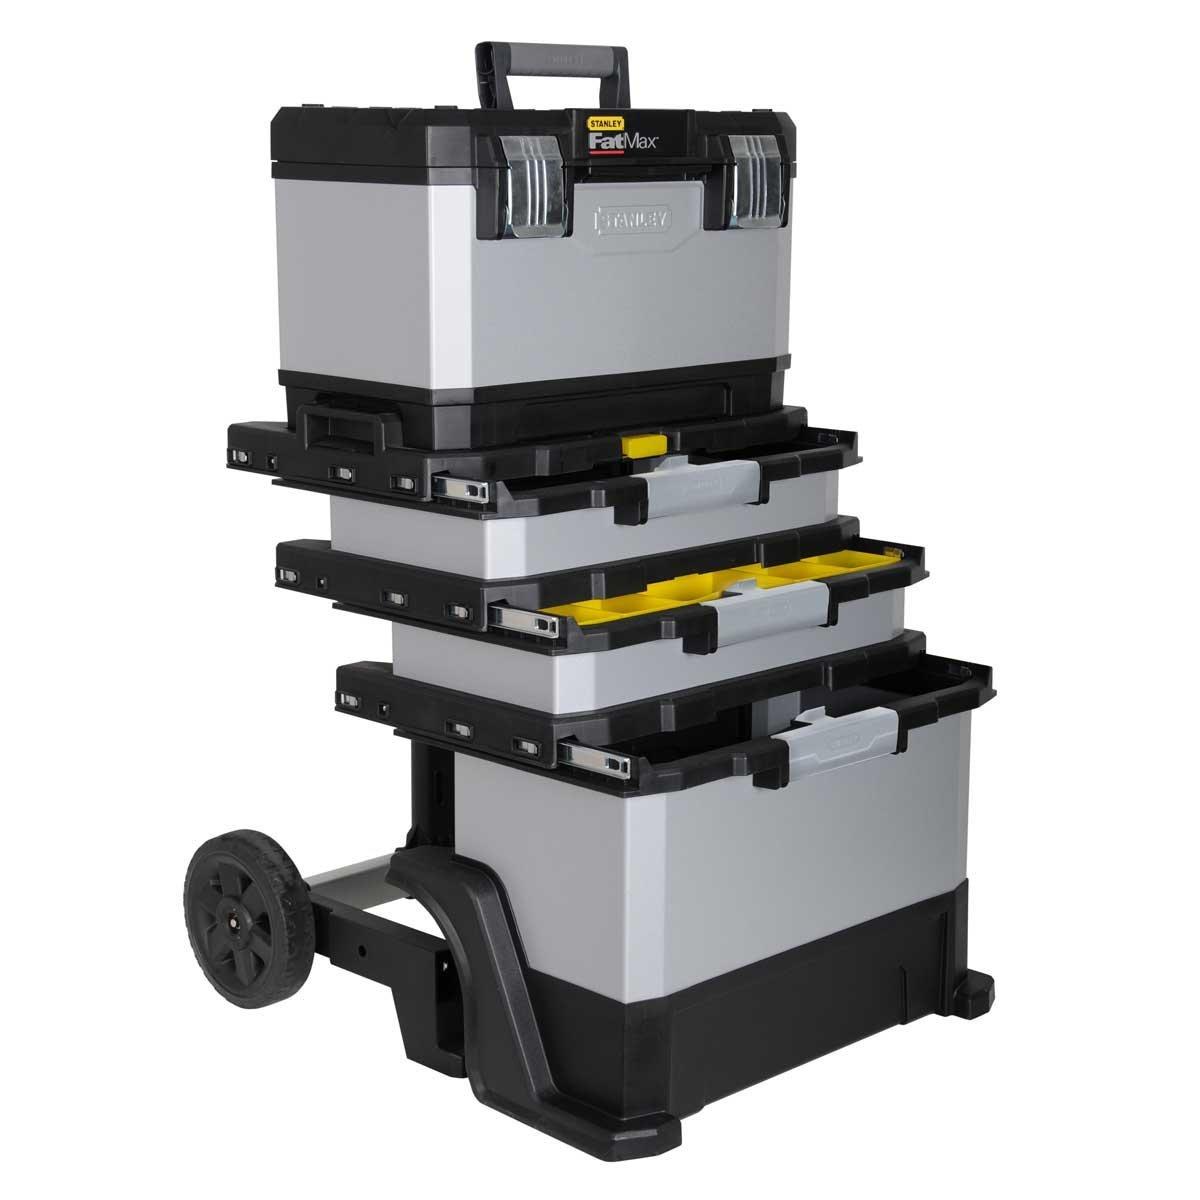 Blitzangebot: Stanley Fatmax 1-95-622 Rollende Werkstatt Metall-Kunststoff mit Rädern @99,99 Euro inkl. Versand